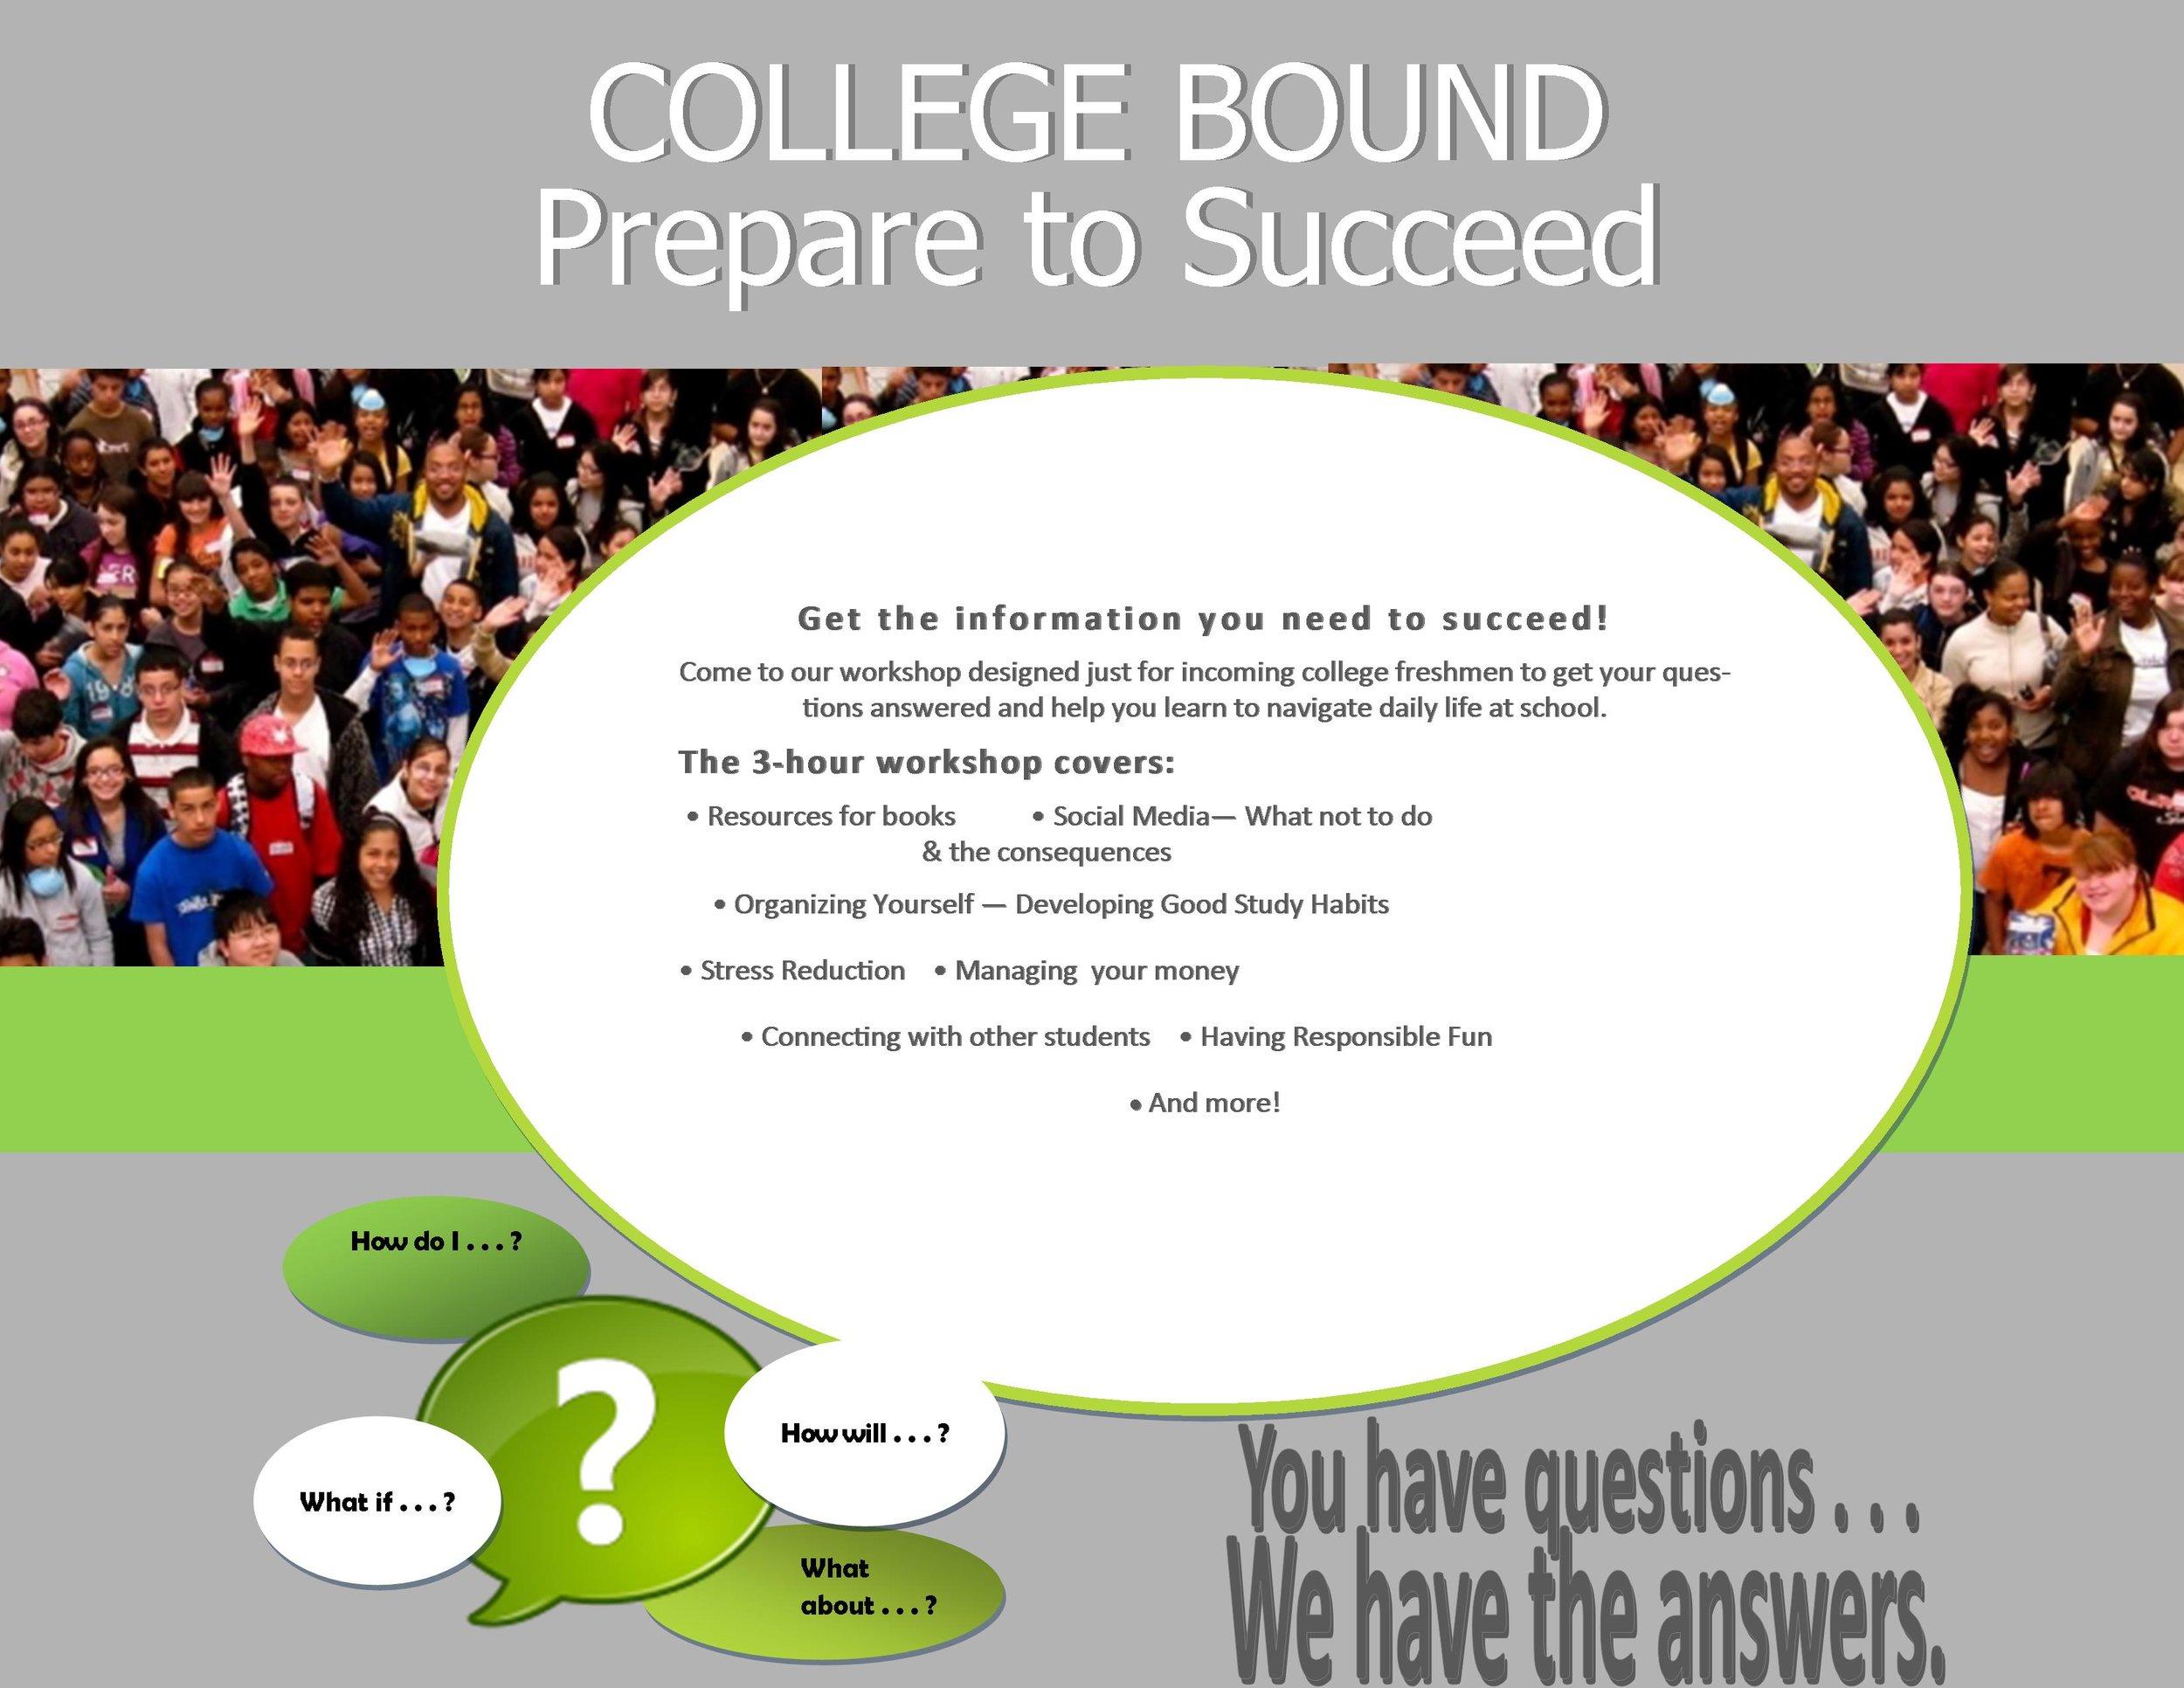 College Bound FB Photo.jpg